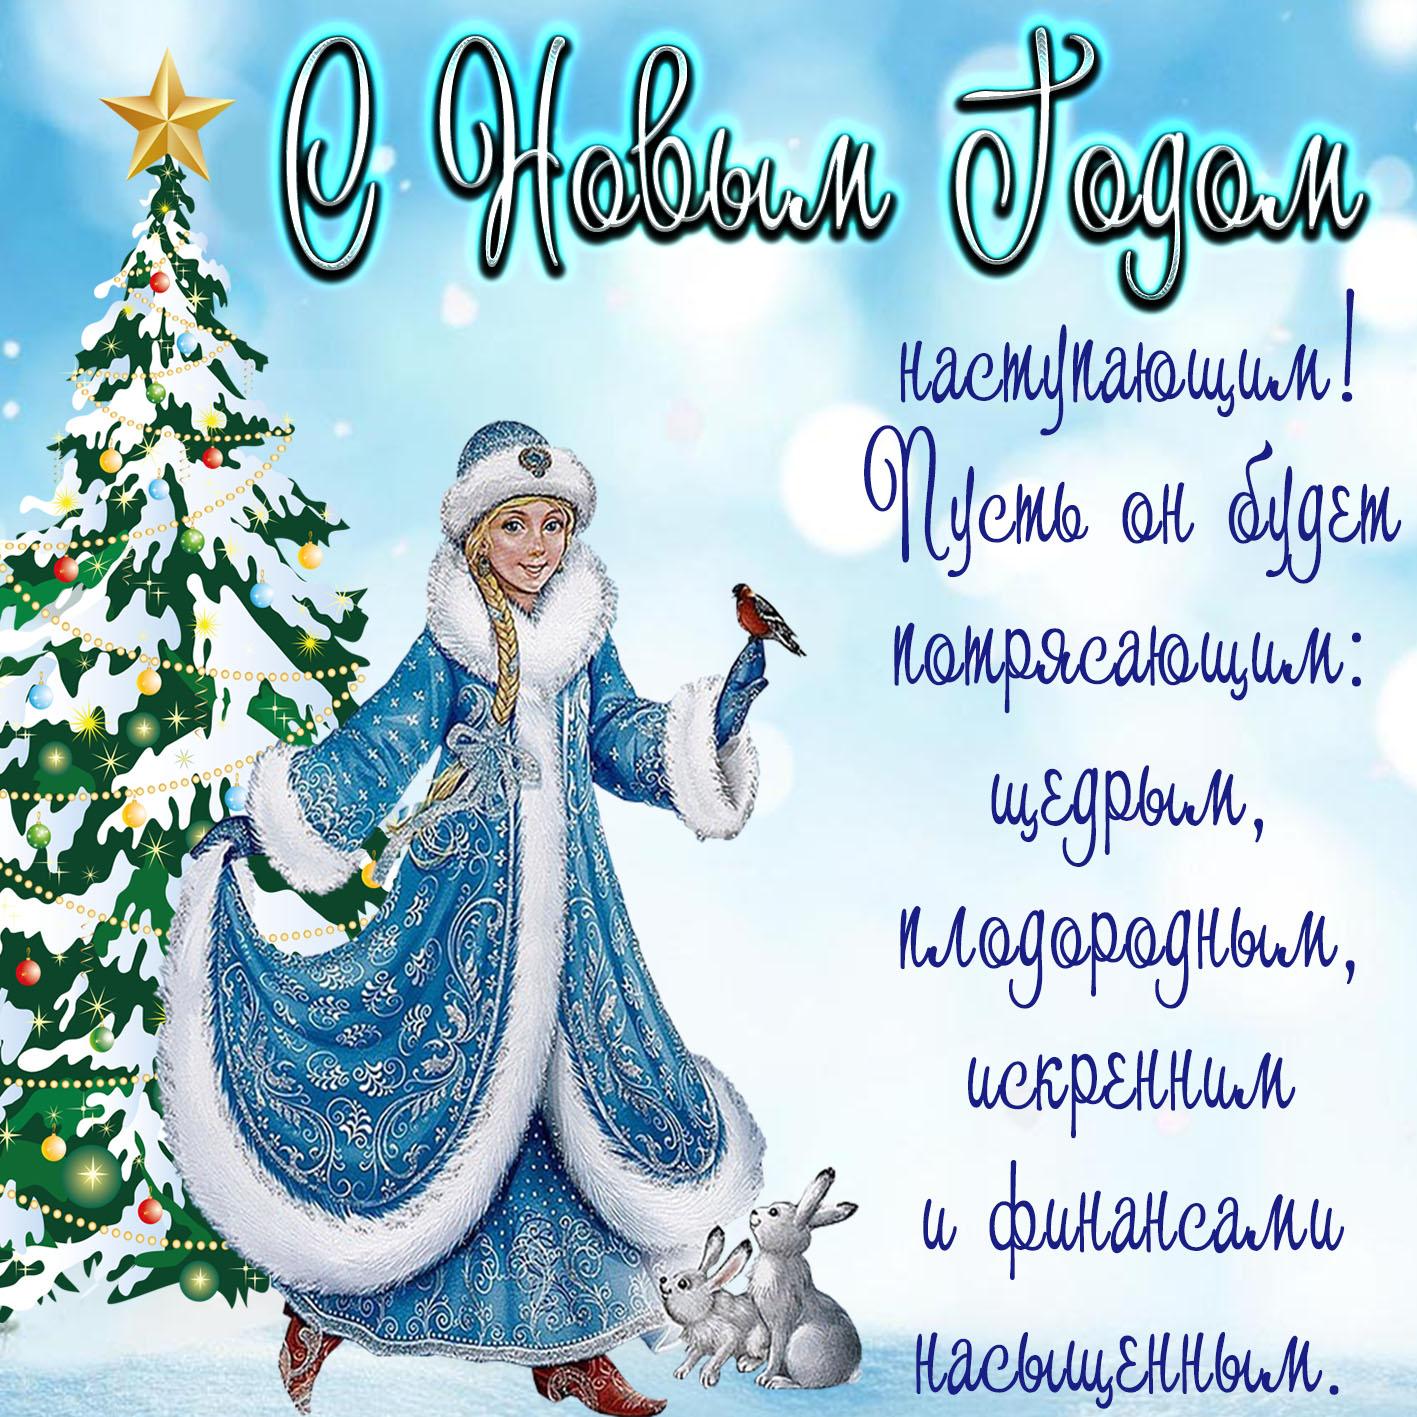 Картинка со снегурочкой и красивым пожеланием на Новый год